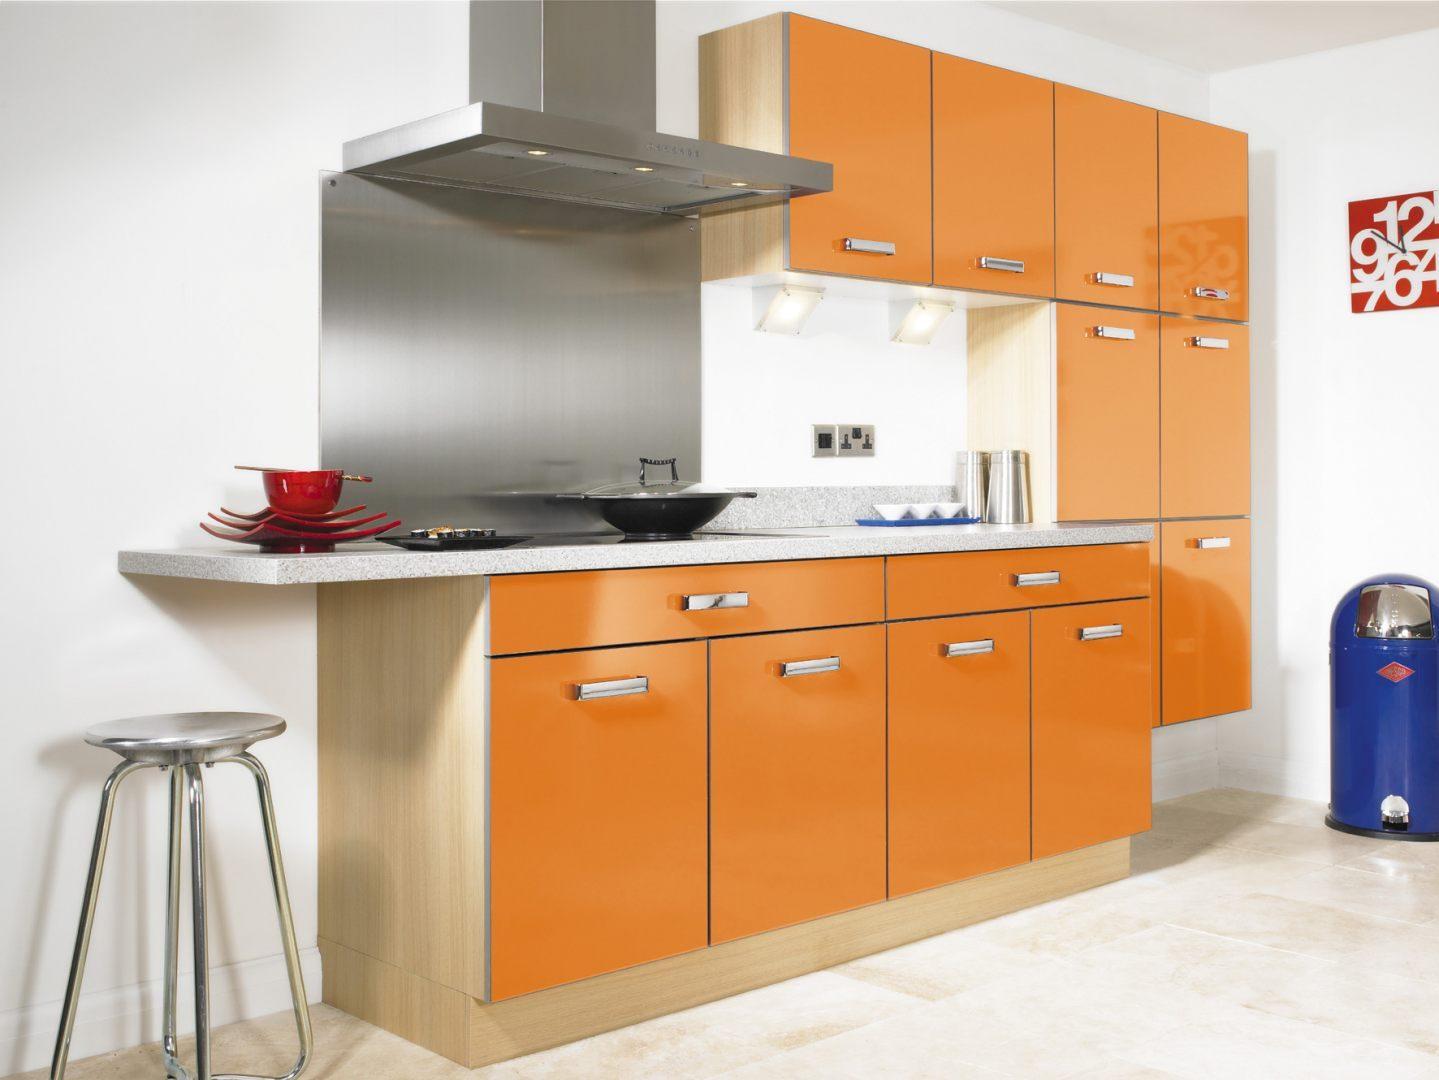 Armarios de cocina naranjas im genes y fotos - Cajoneras de cocina ...